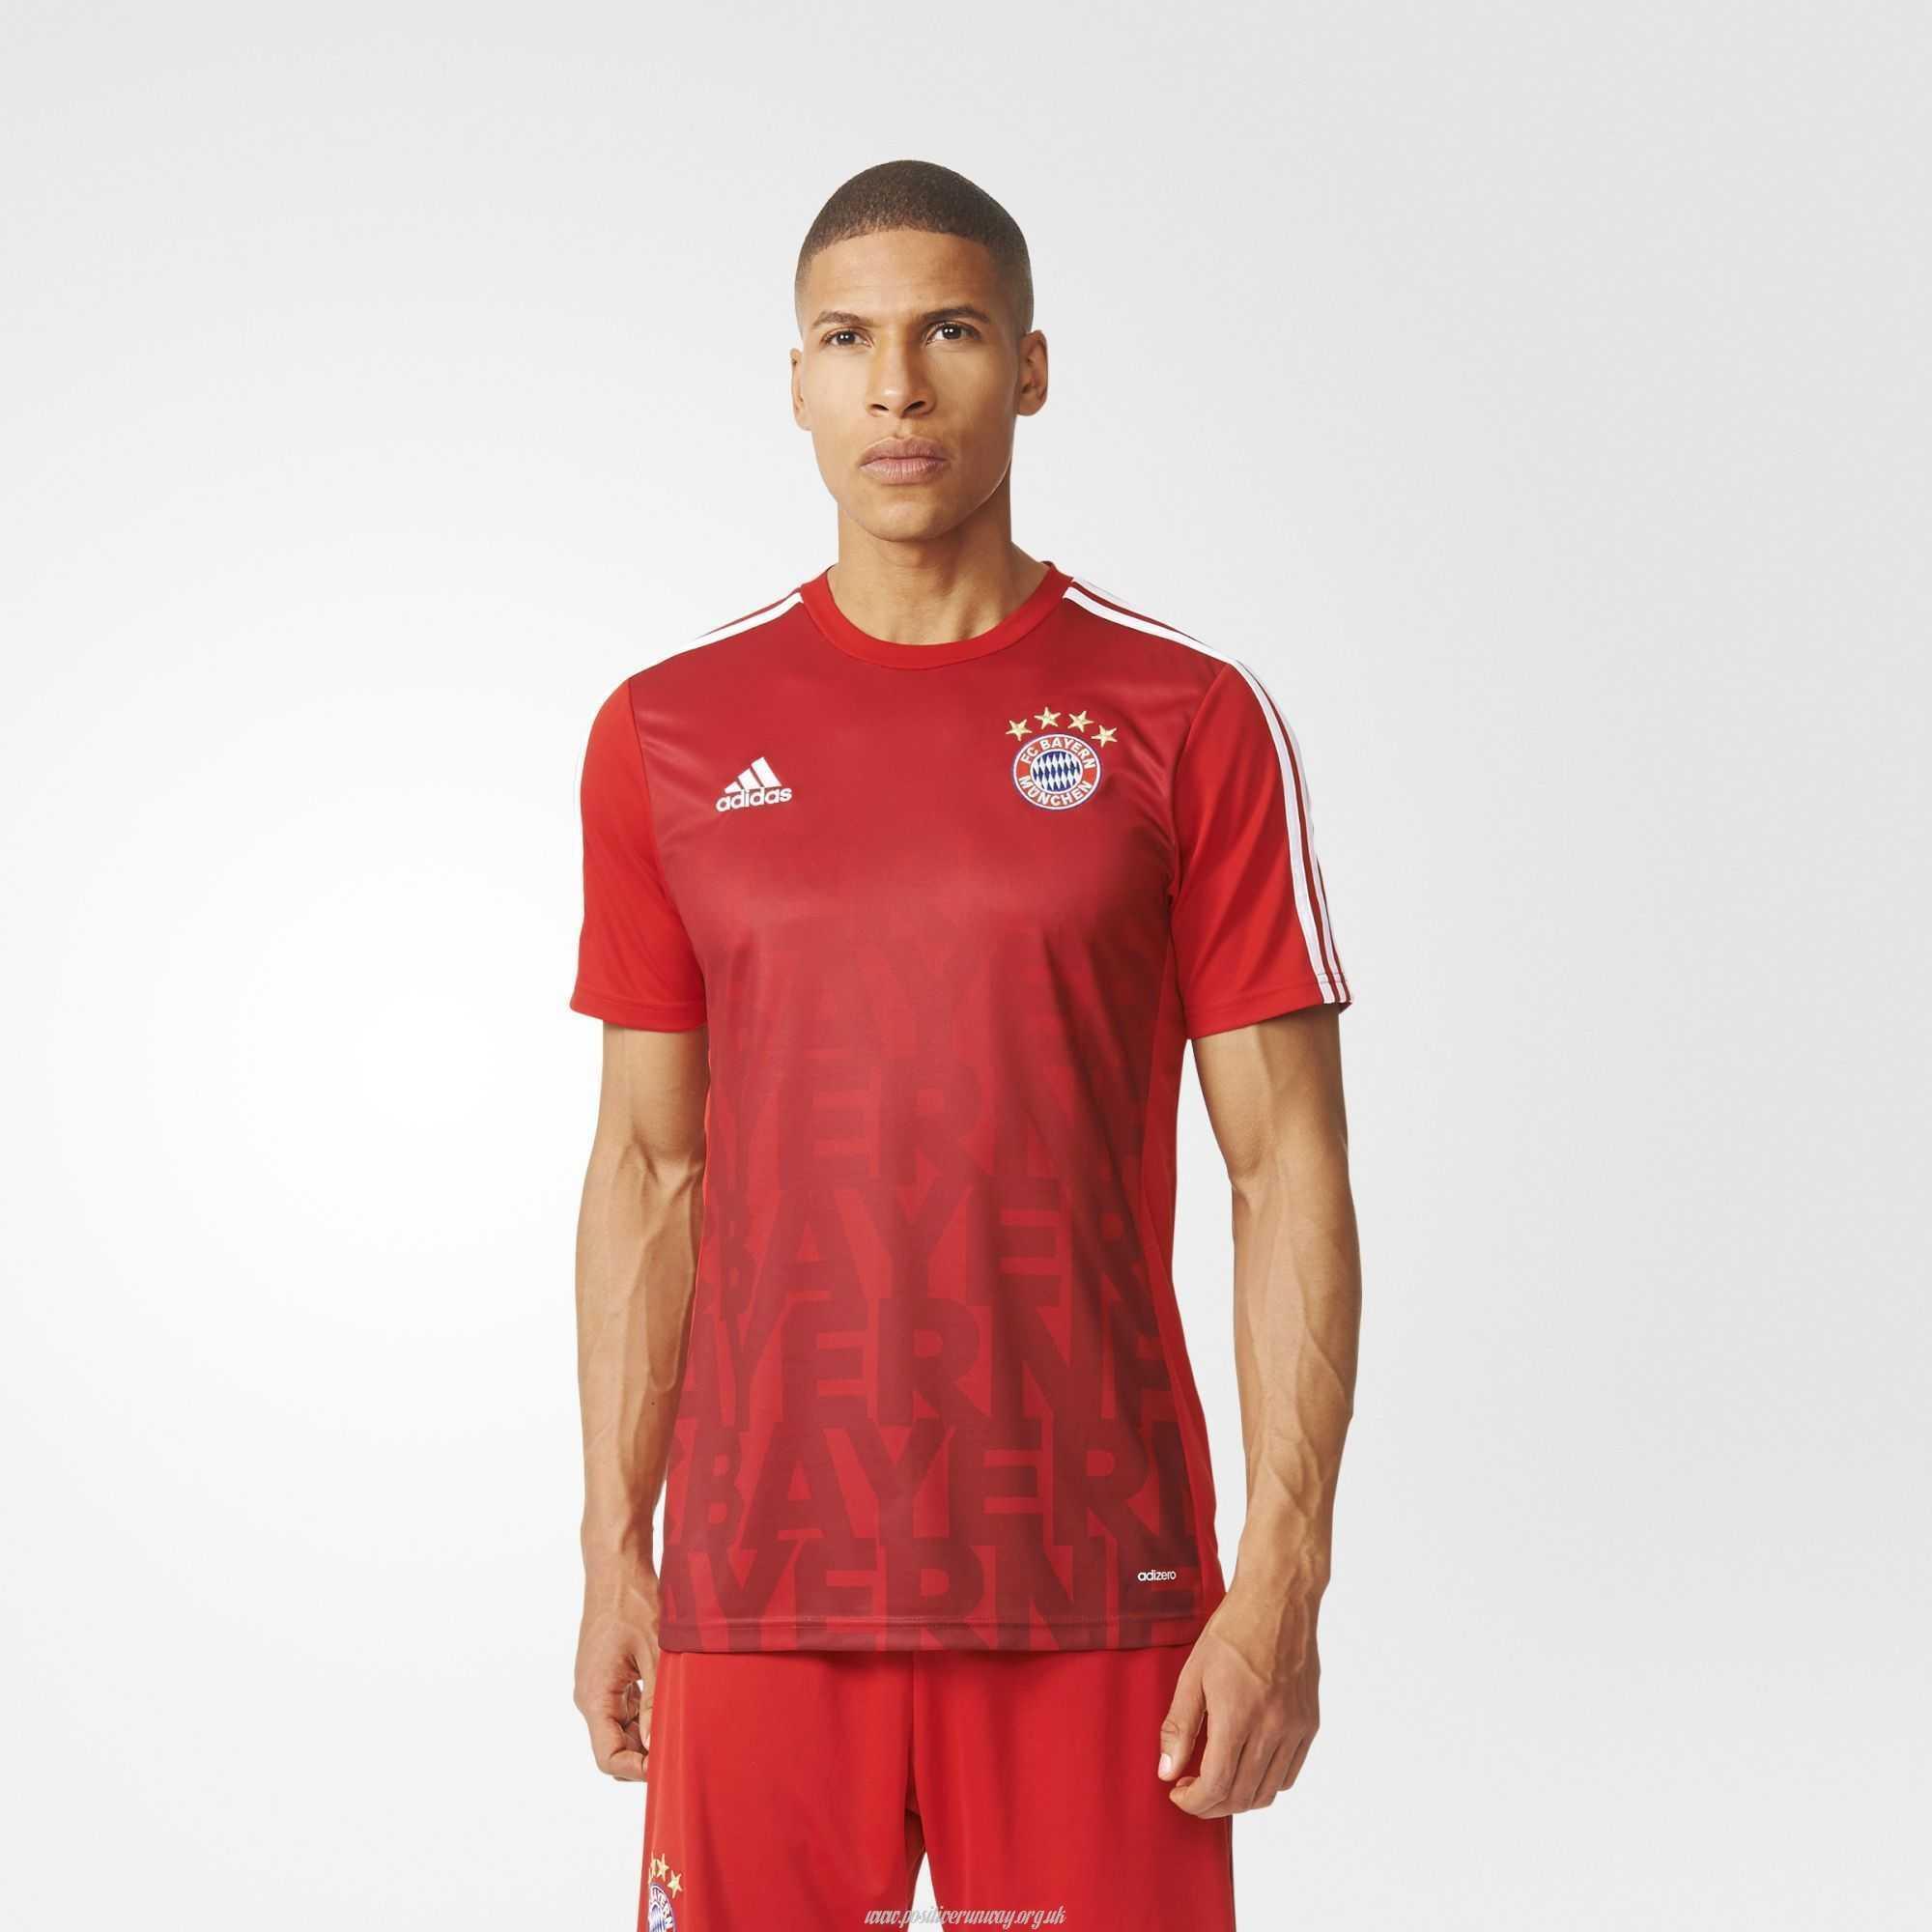 men football soccer jerseys madrid spain bayern barcelona manchester football paris